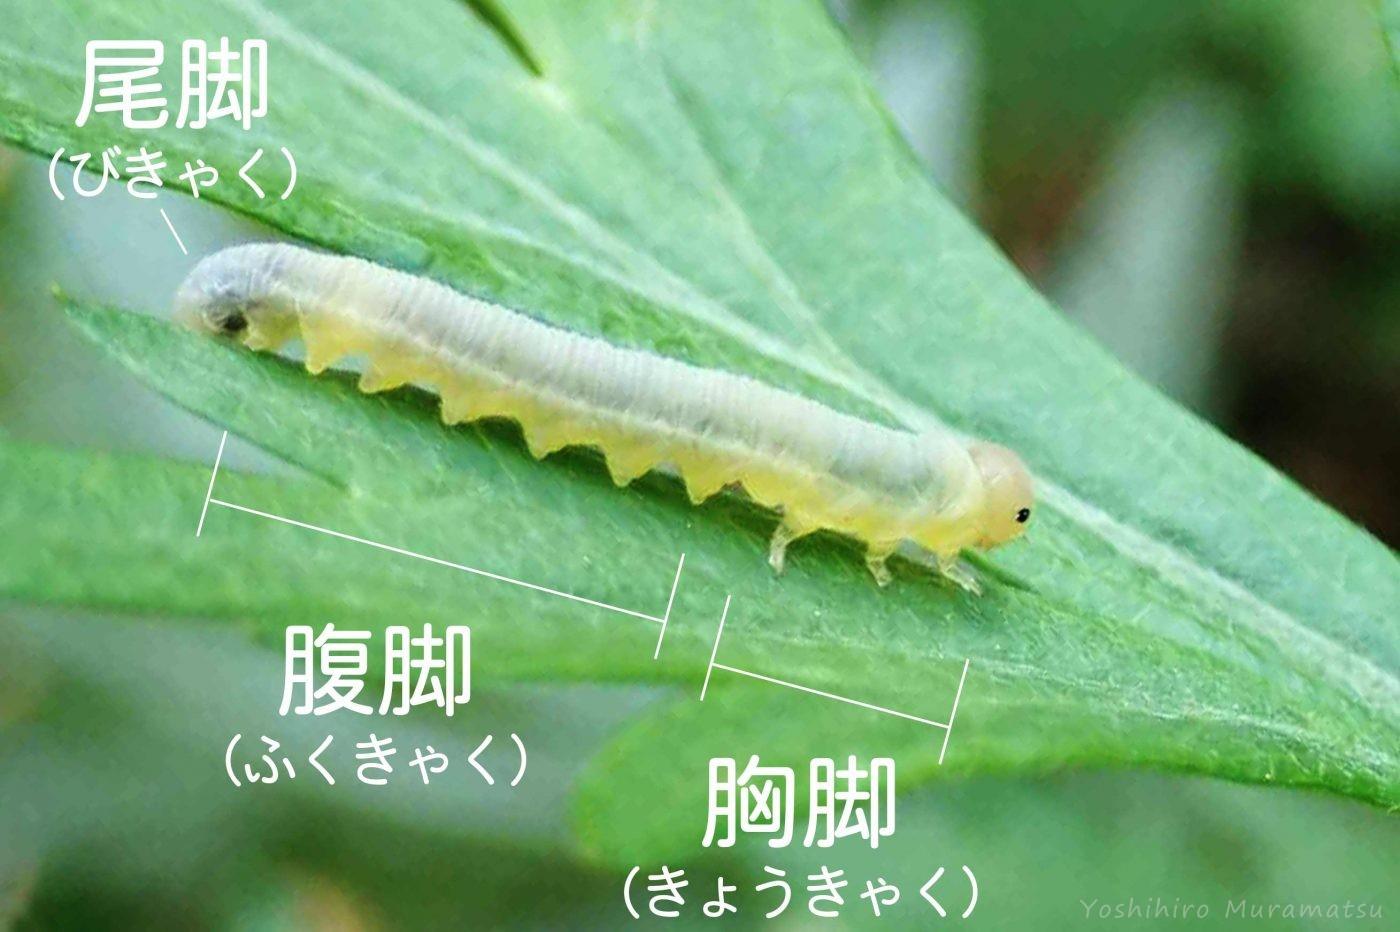 ハバチの幼虫、胸脚、腹脚、尾脚の画像